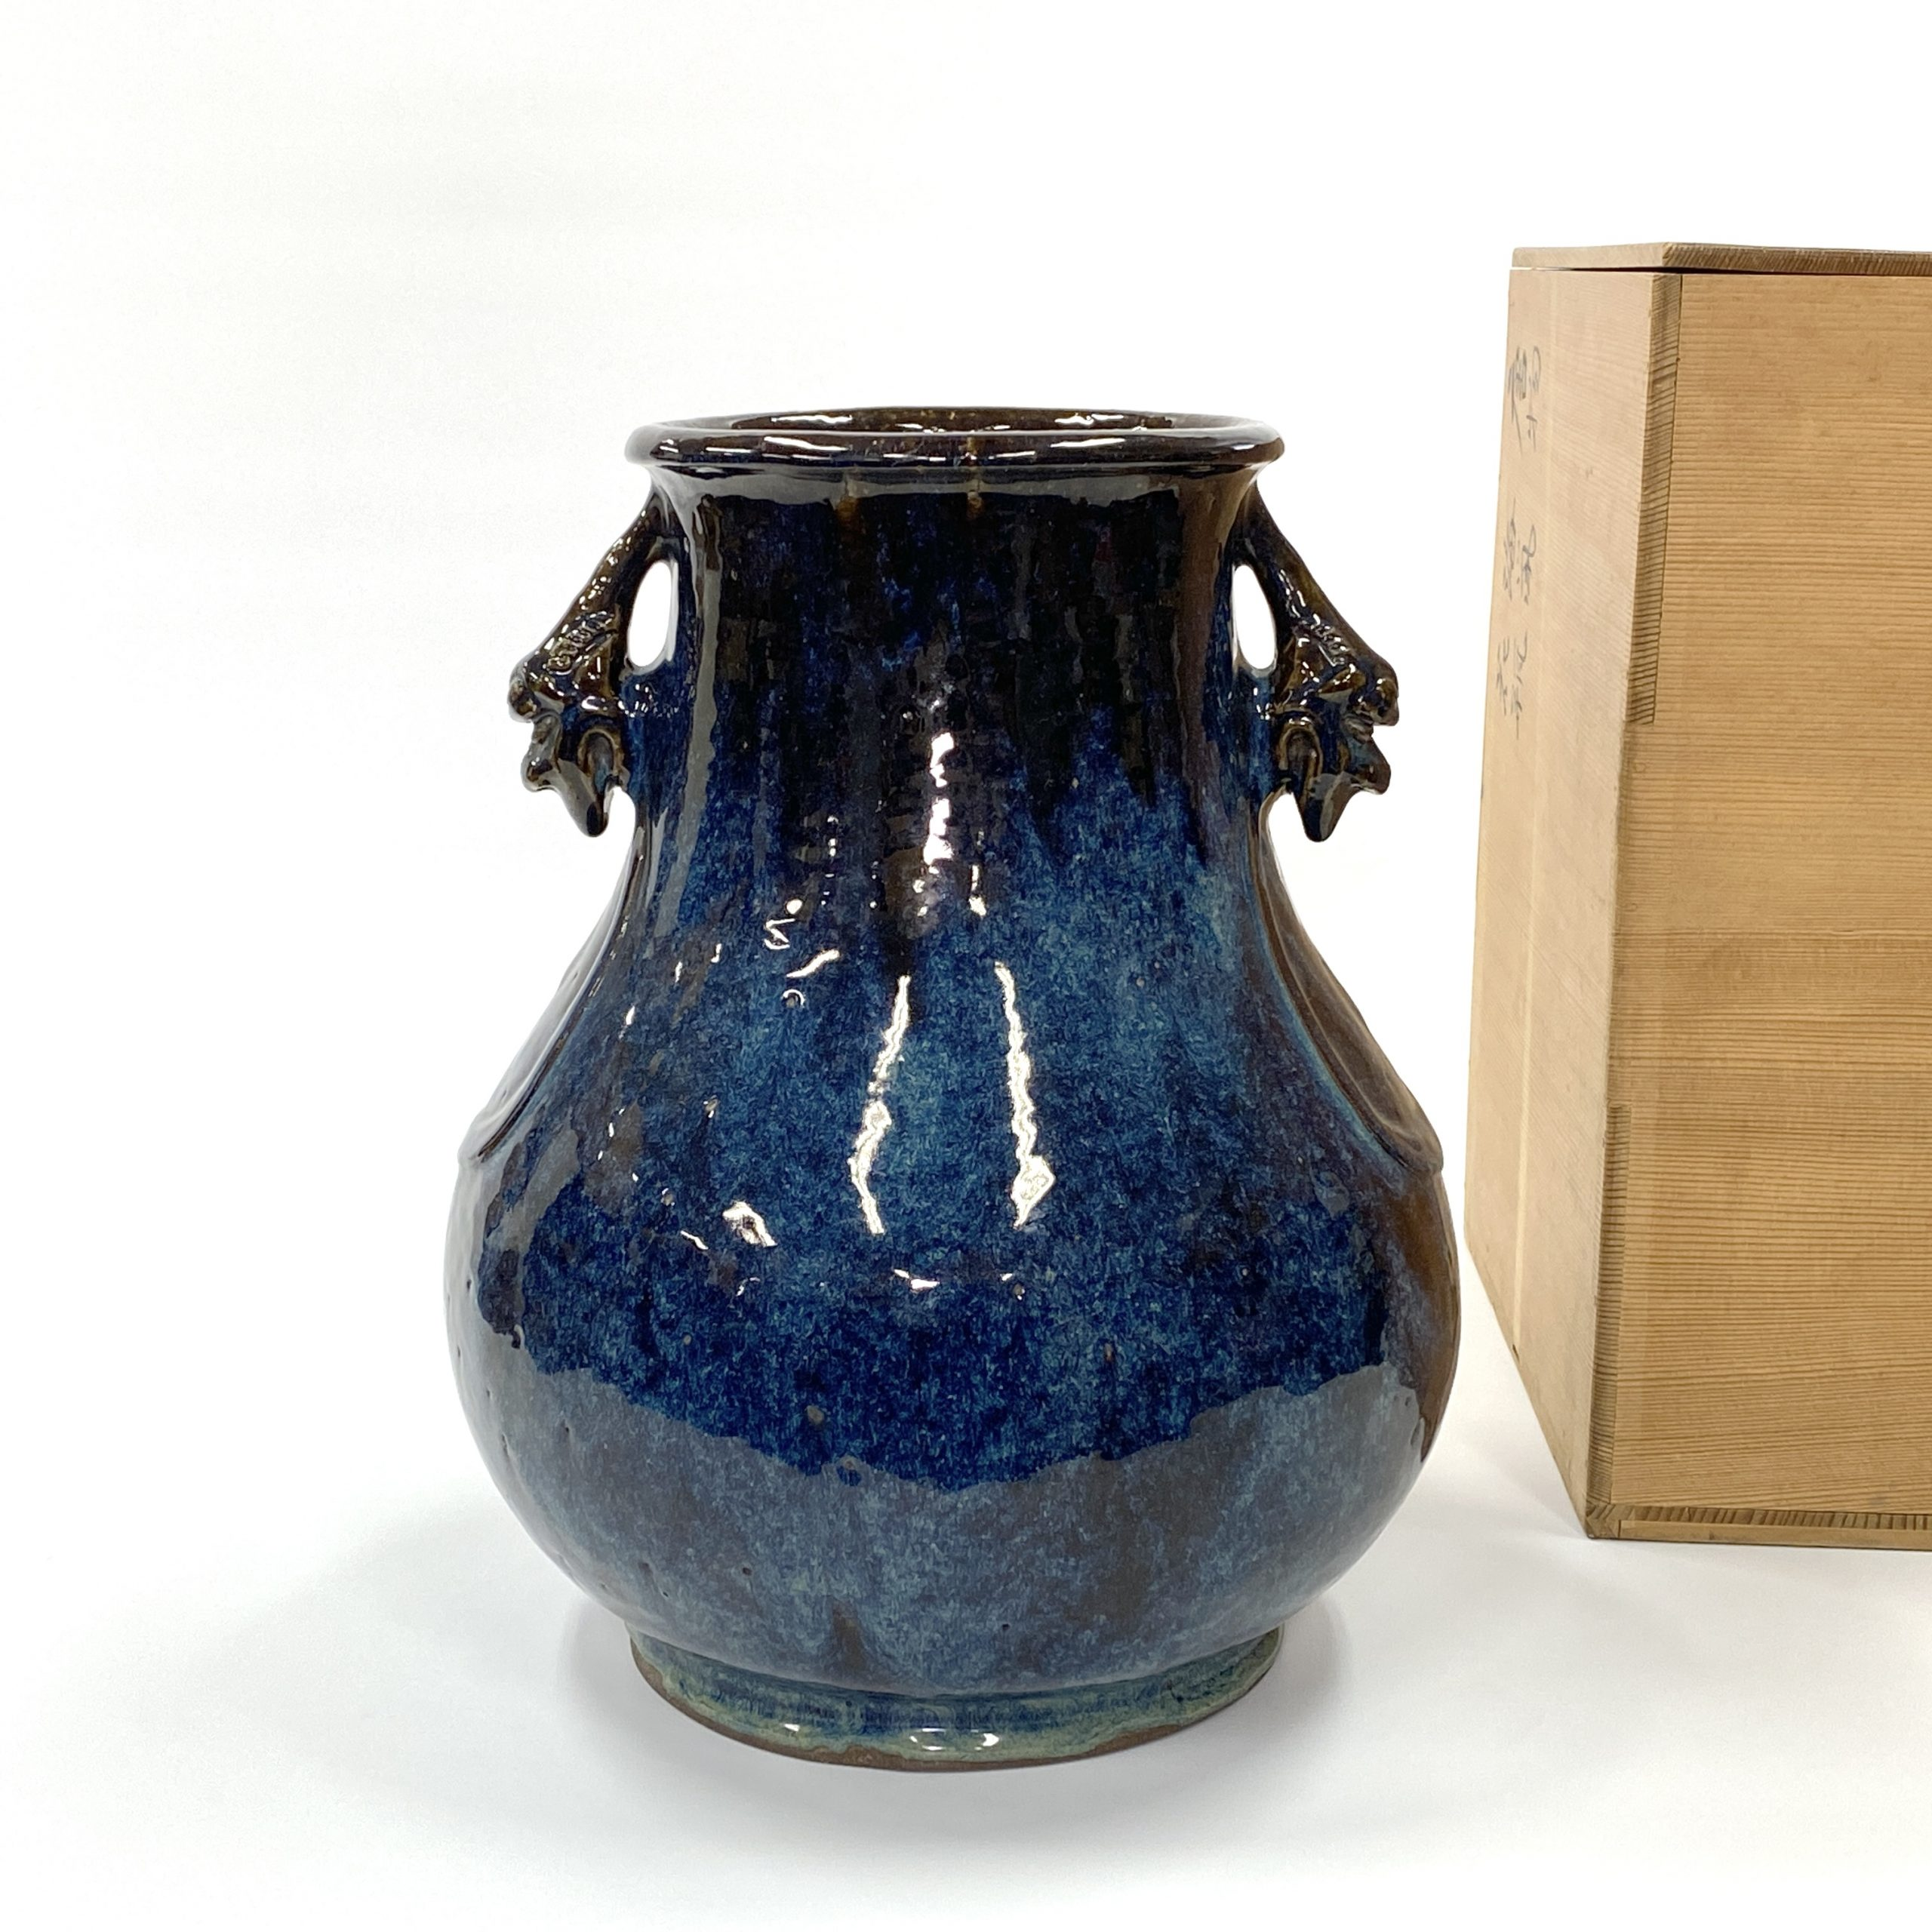 20078清「葛明祥造」款 宜興海鼠釉 獣耳瓶